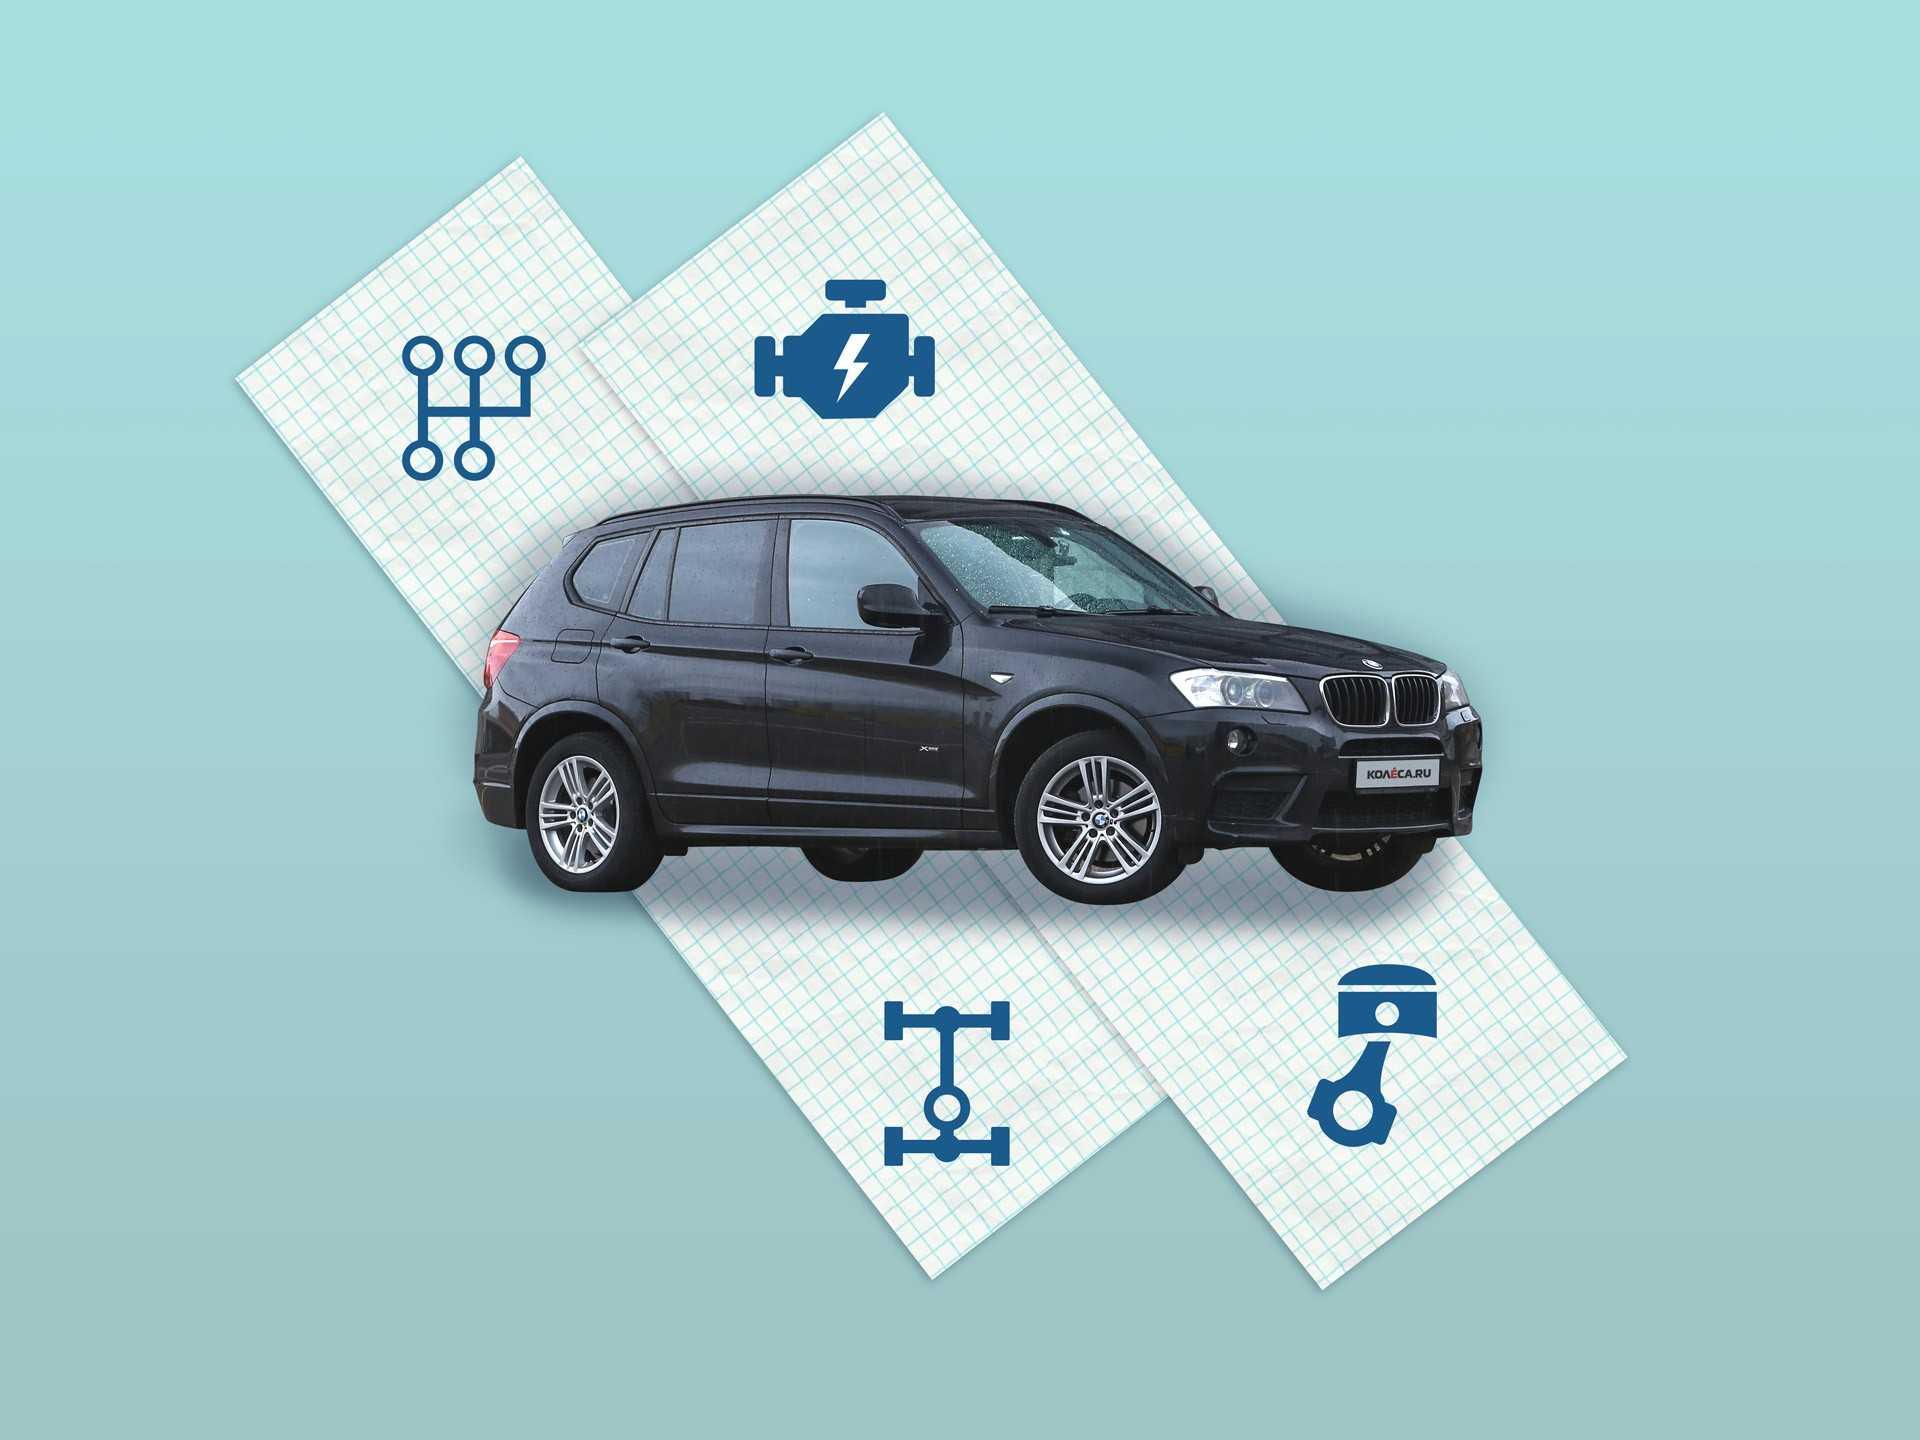 BMW X3 2014 - 2017 - вся информация про БМВ Х3 F25_рест. поколения